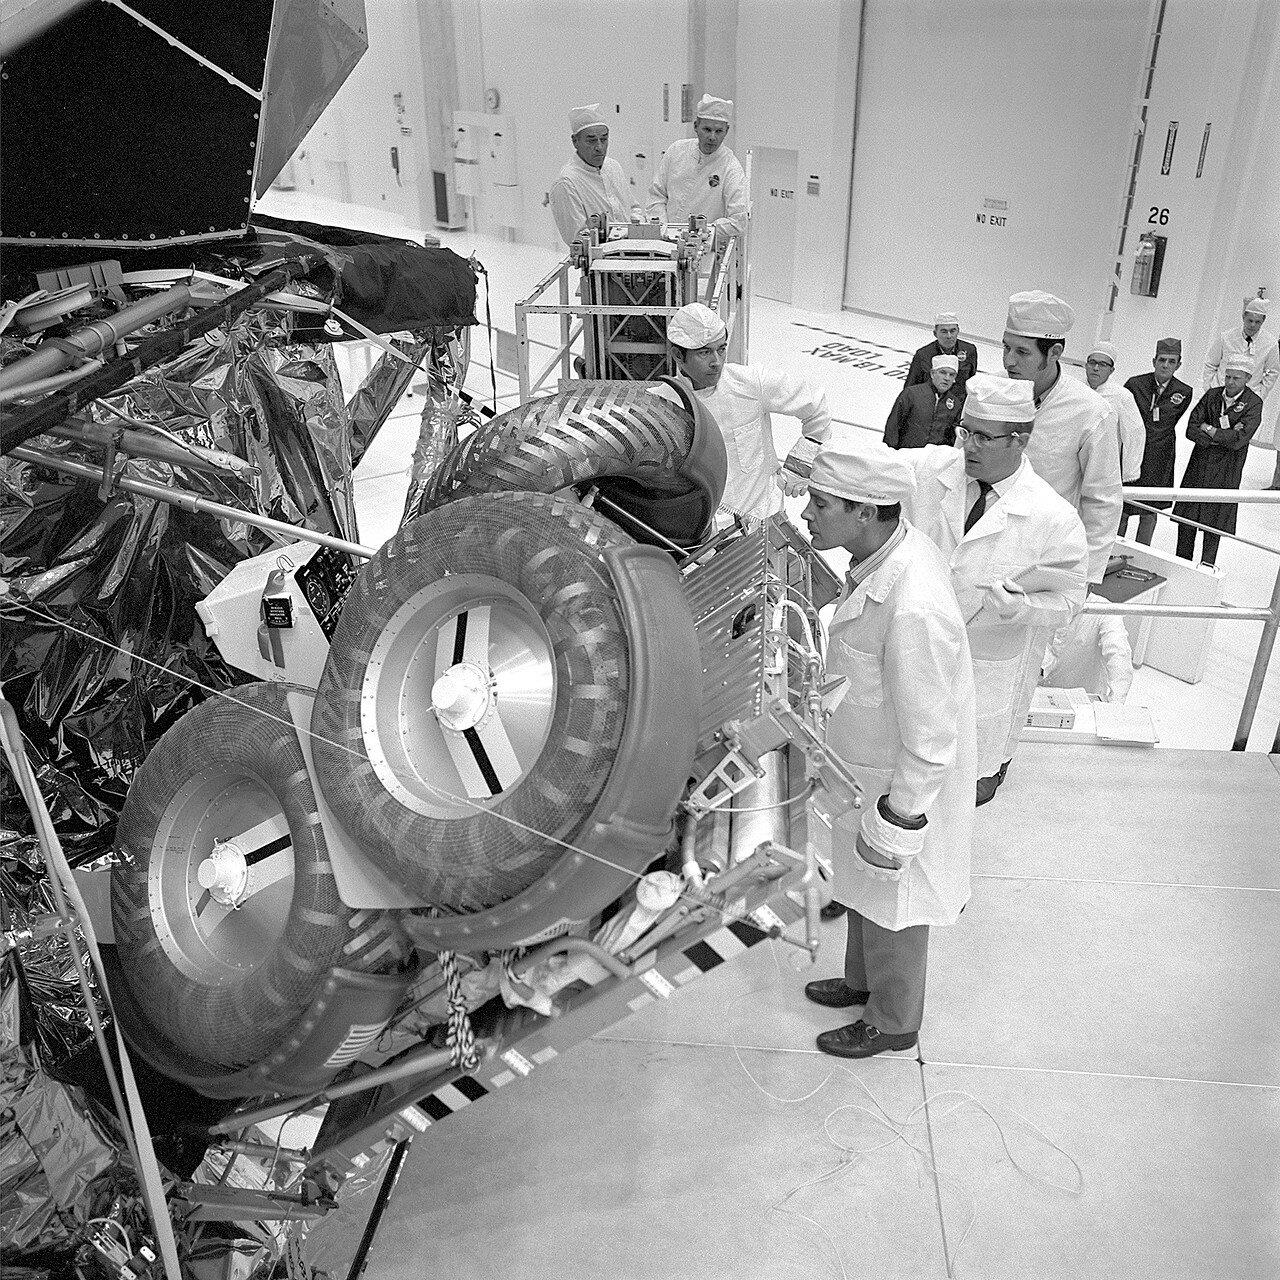 В процессе подготовки космического корабля к старту  возникла необходимость замены отдельных систем и узлов.Было решено заменить все парашюты из-за того, что в августе при посадке «Аполлона-15» один из них не раскрылся. На снимке: Проверка Лунного Ровера